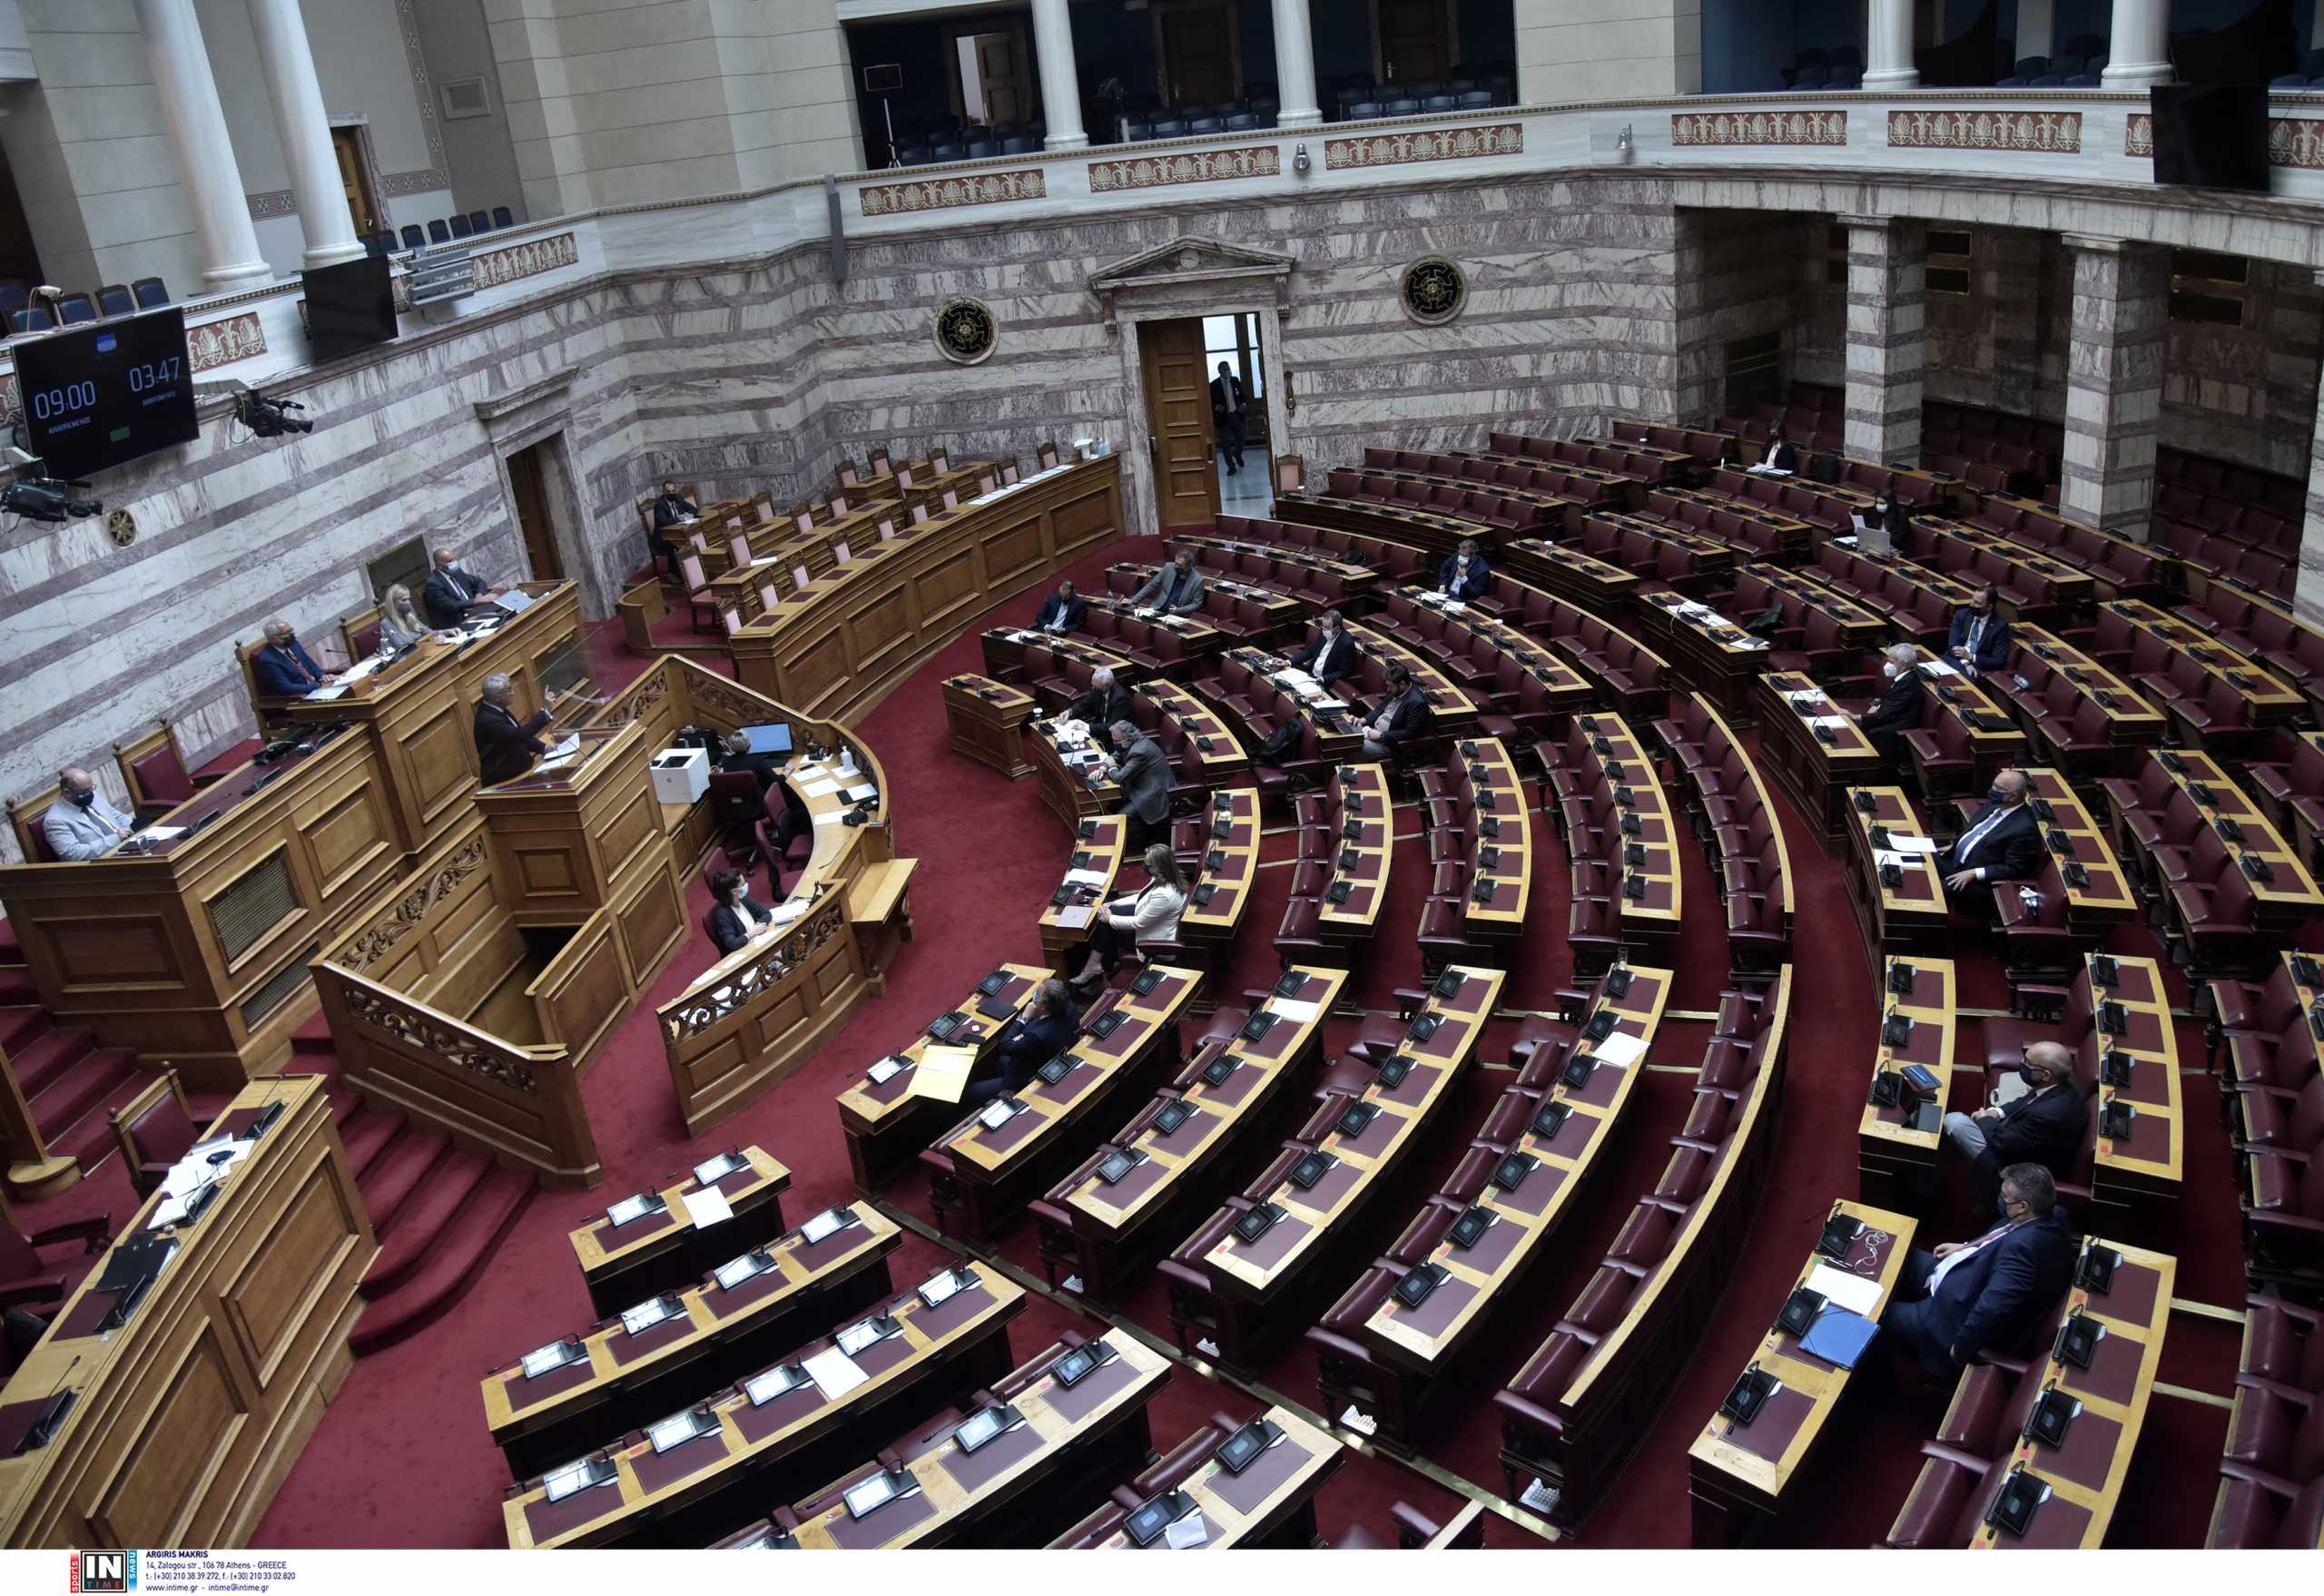 Τοπική Αυτοδιοίκηση: Μικρότερη μείωση δημοτικών και περιφερειακών συμβούλων προβλέπει το νέο νομοσχέδιο